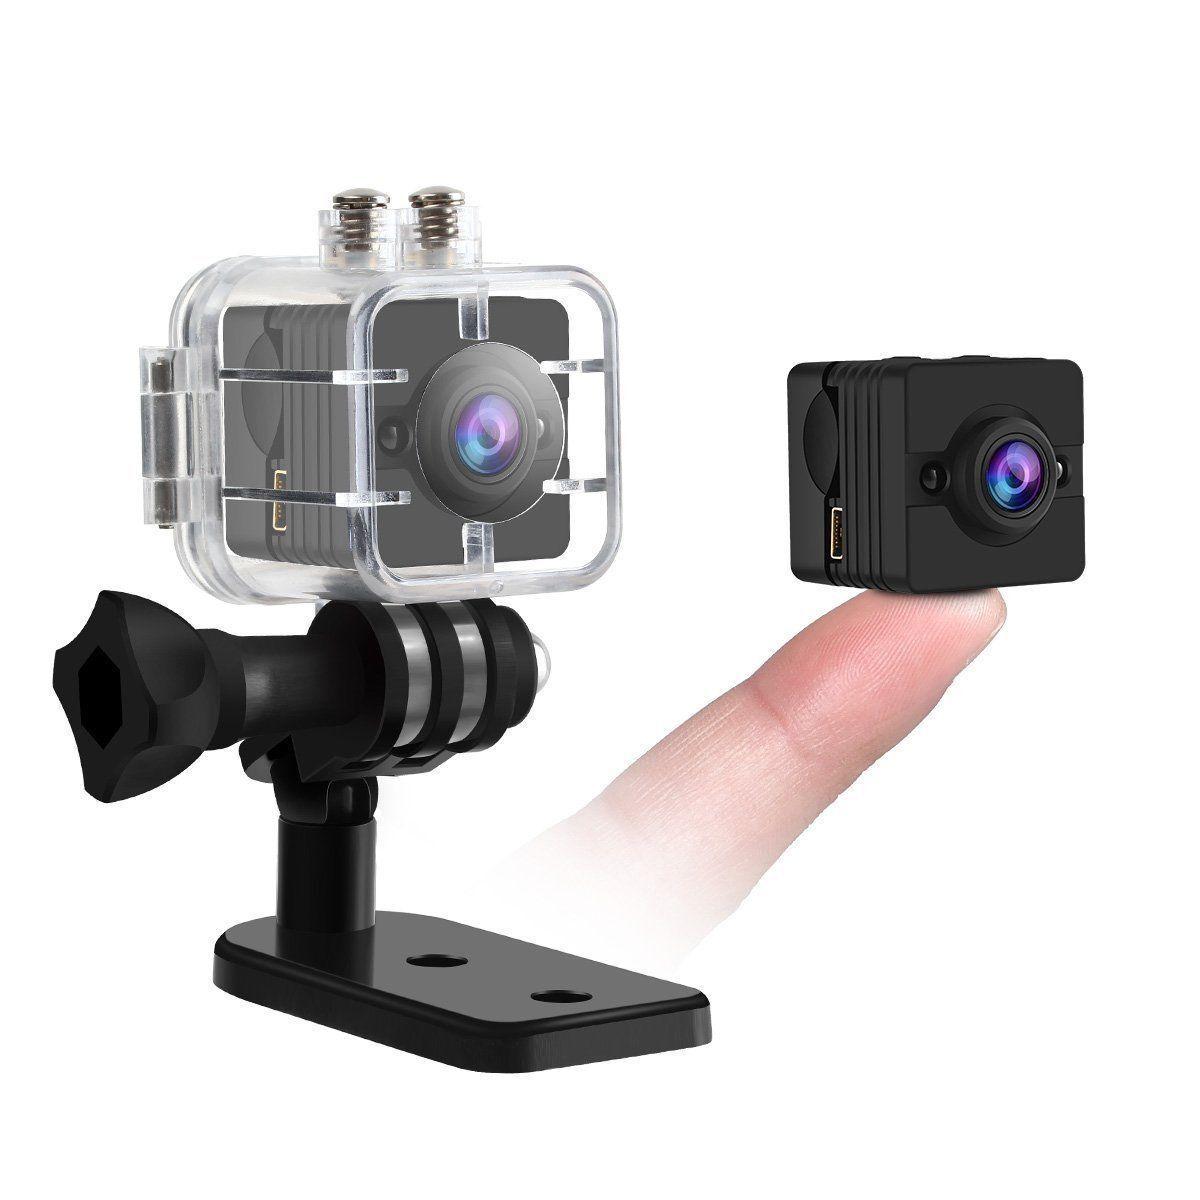 Nuevo Full HD Cámara Detector de Movimiento Visión Nocturna Impermeable Vídeo